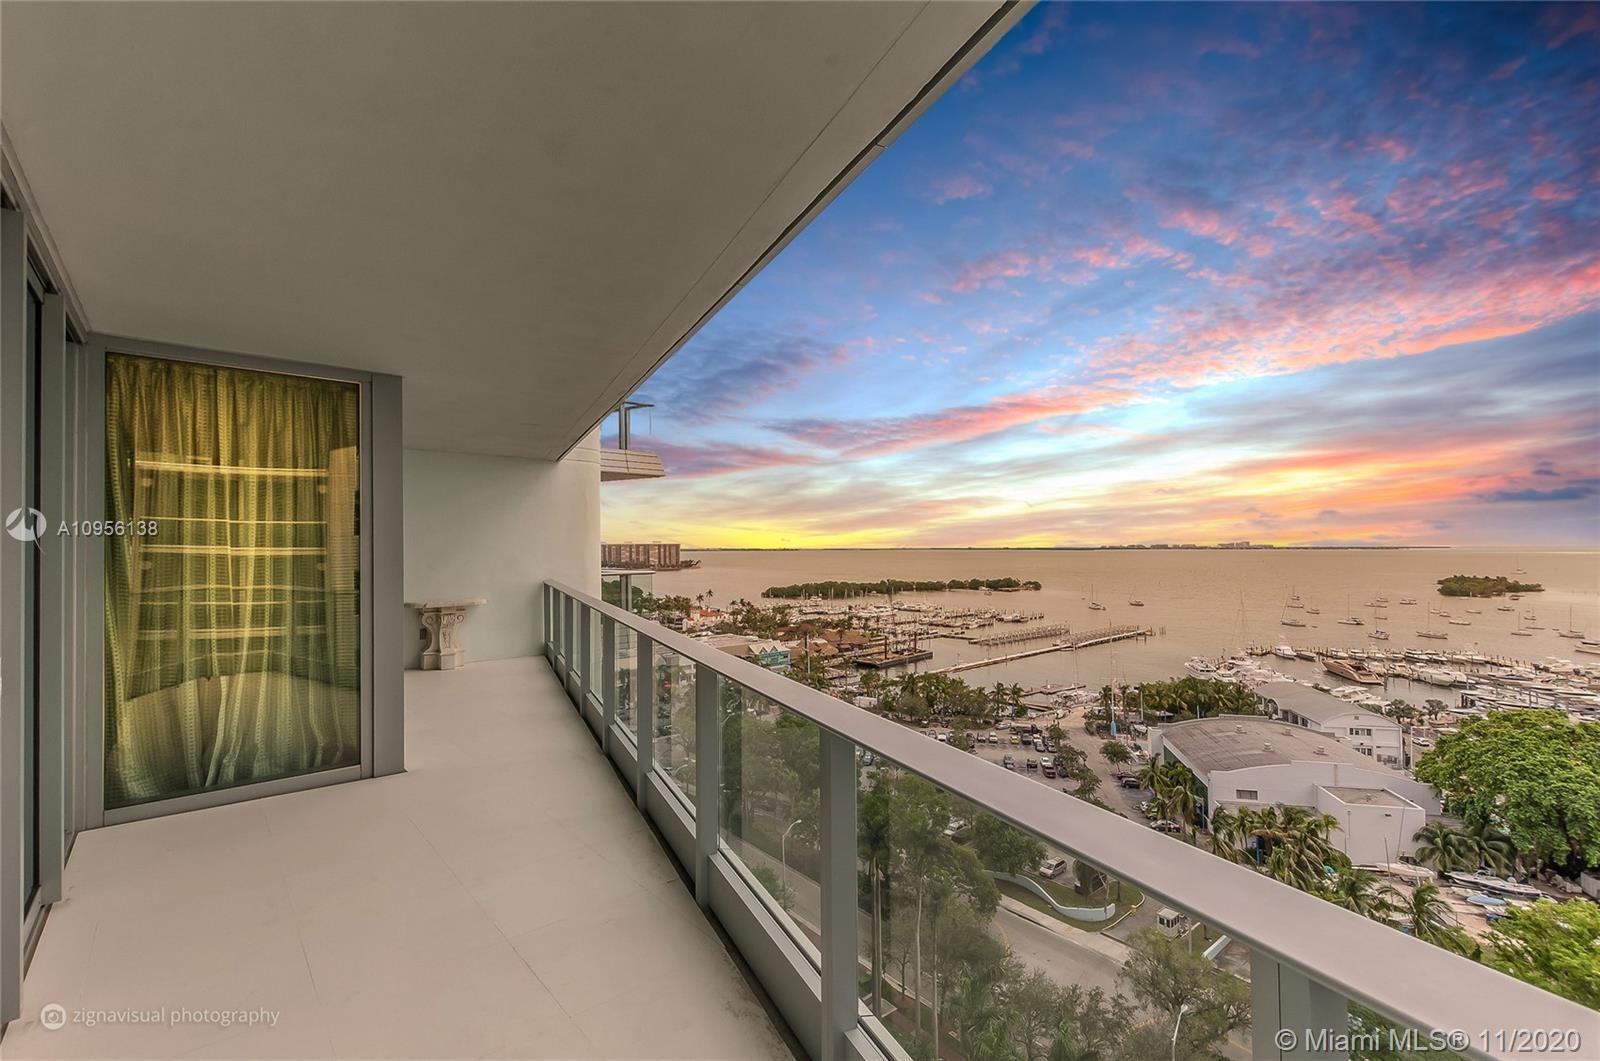 2627 S Bayshore Dr #1802, Miami, FL 33133 - #: A10956138